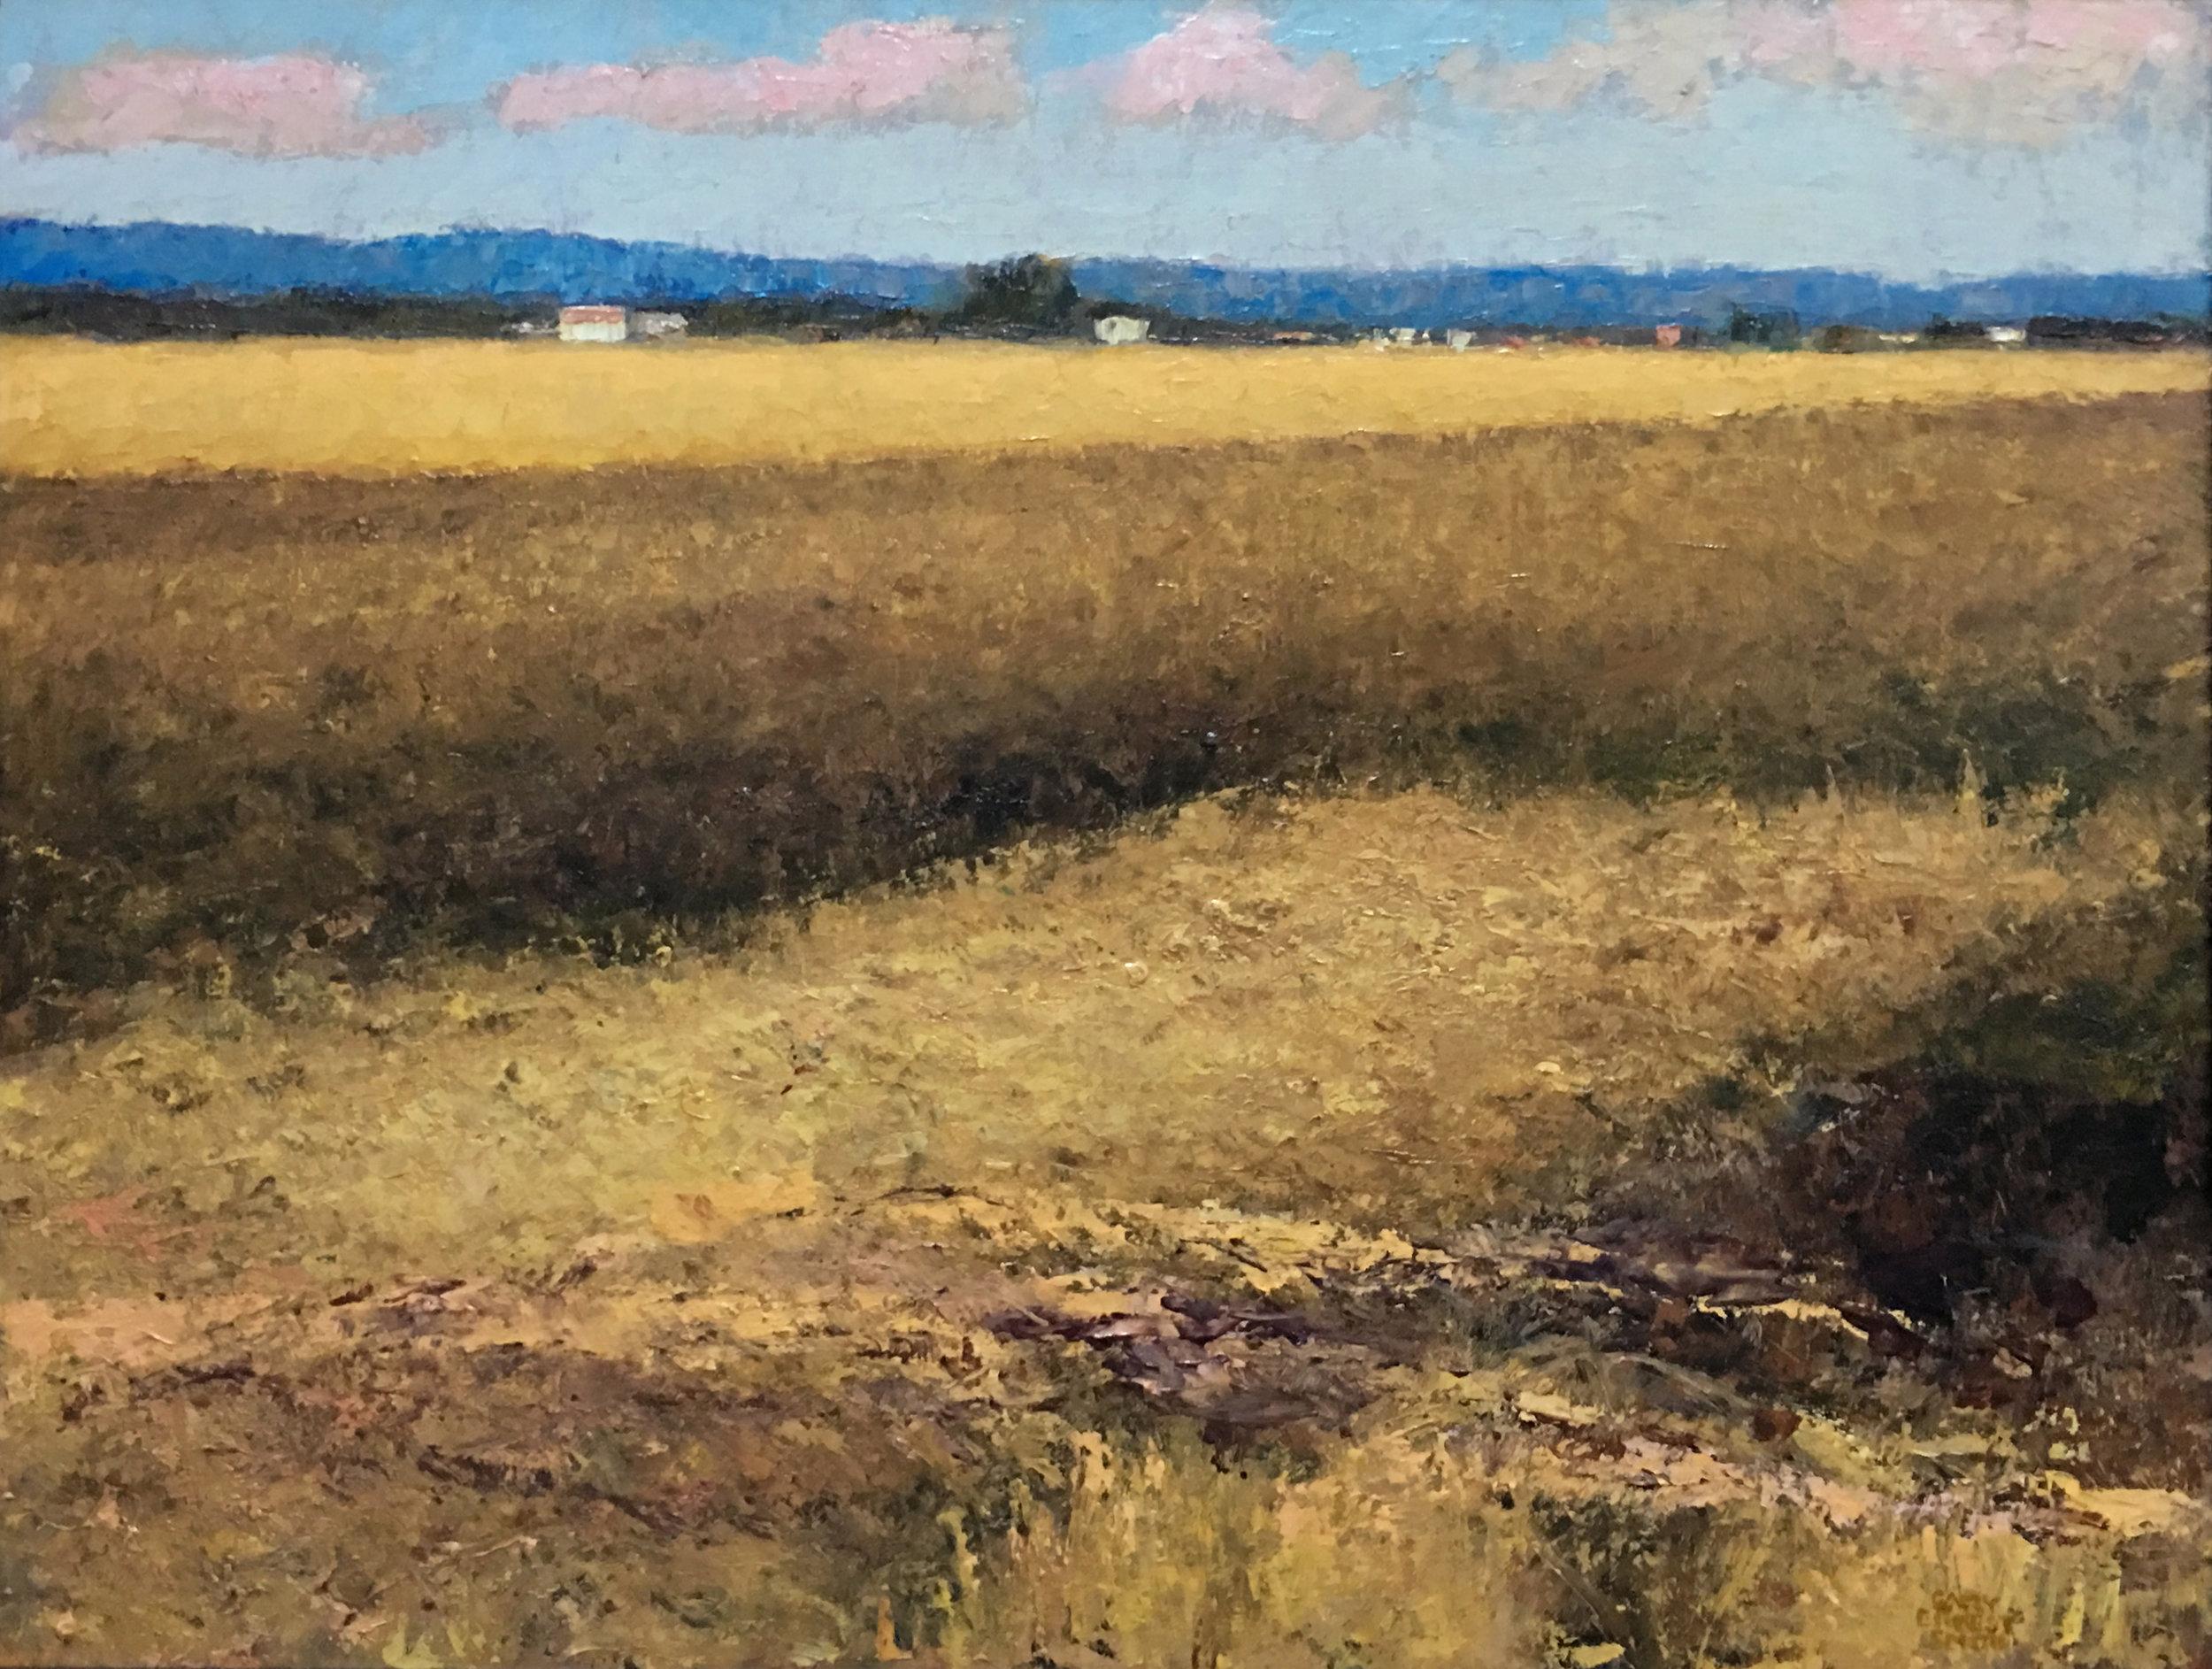 08_Gary+Ernest+Smith_Harvested+Field_oil+on+canvas_18x24-1.jpg